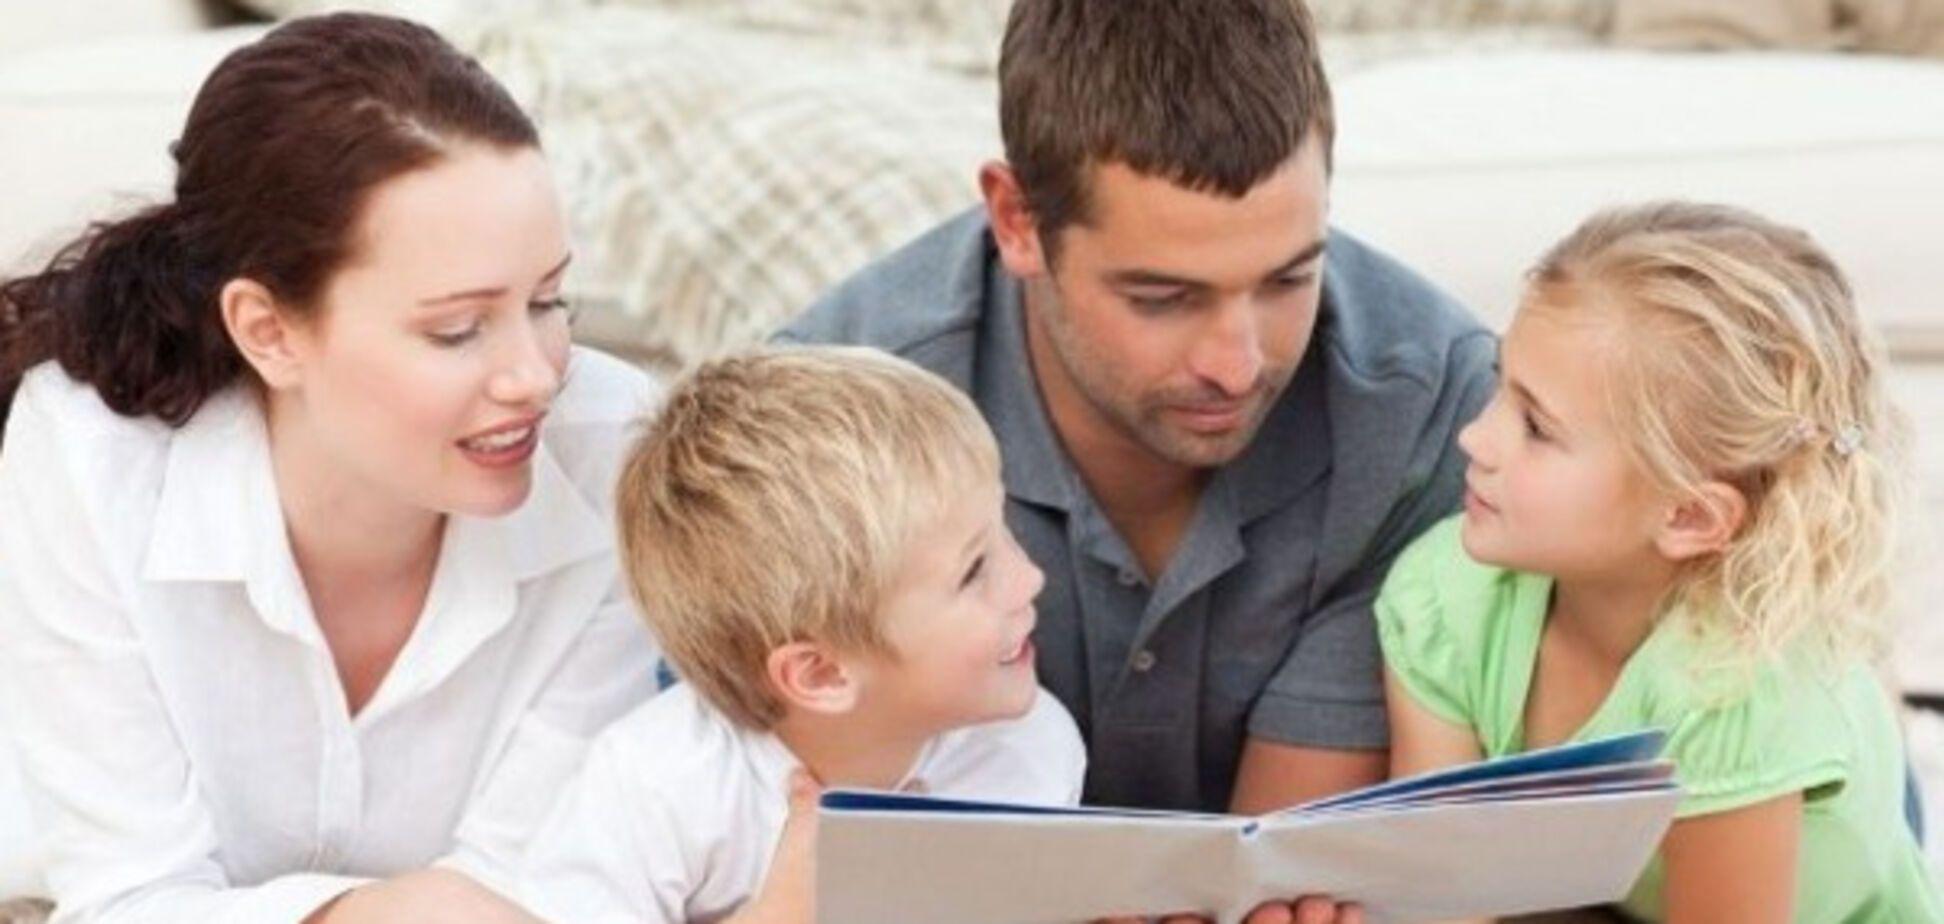 Дружить с детьми не нужно: психолог рассказала о последствиях демократического воспитания